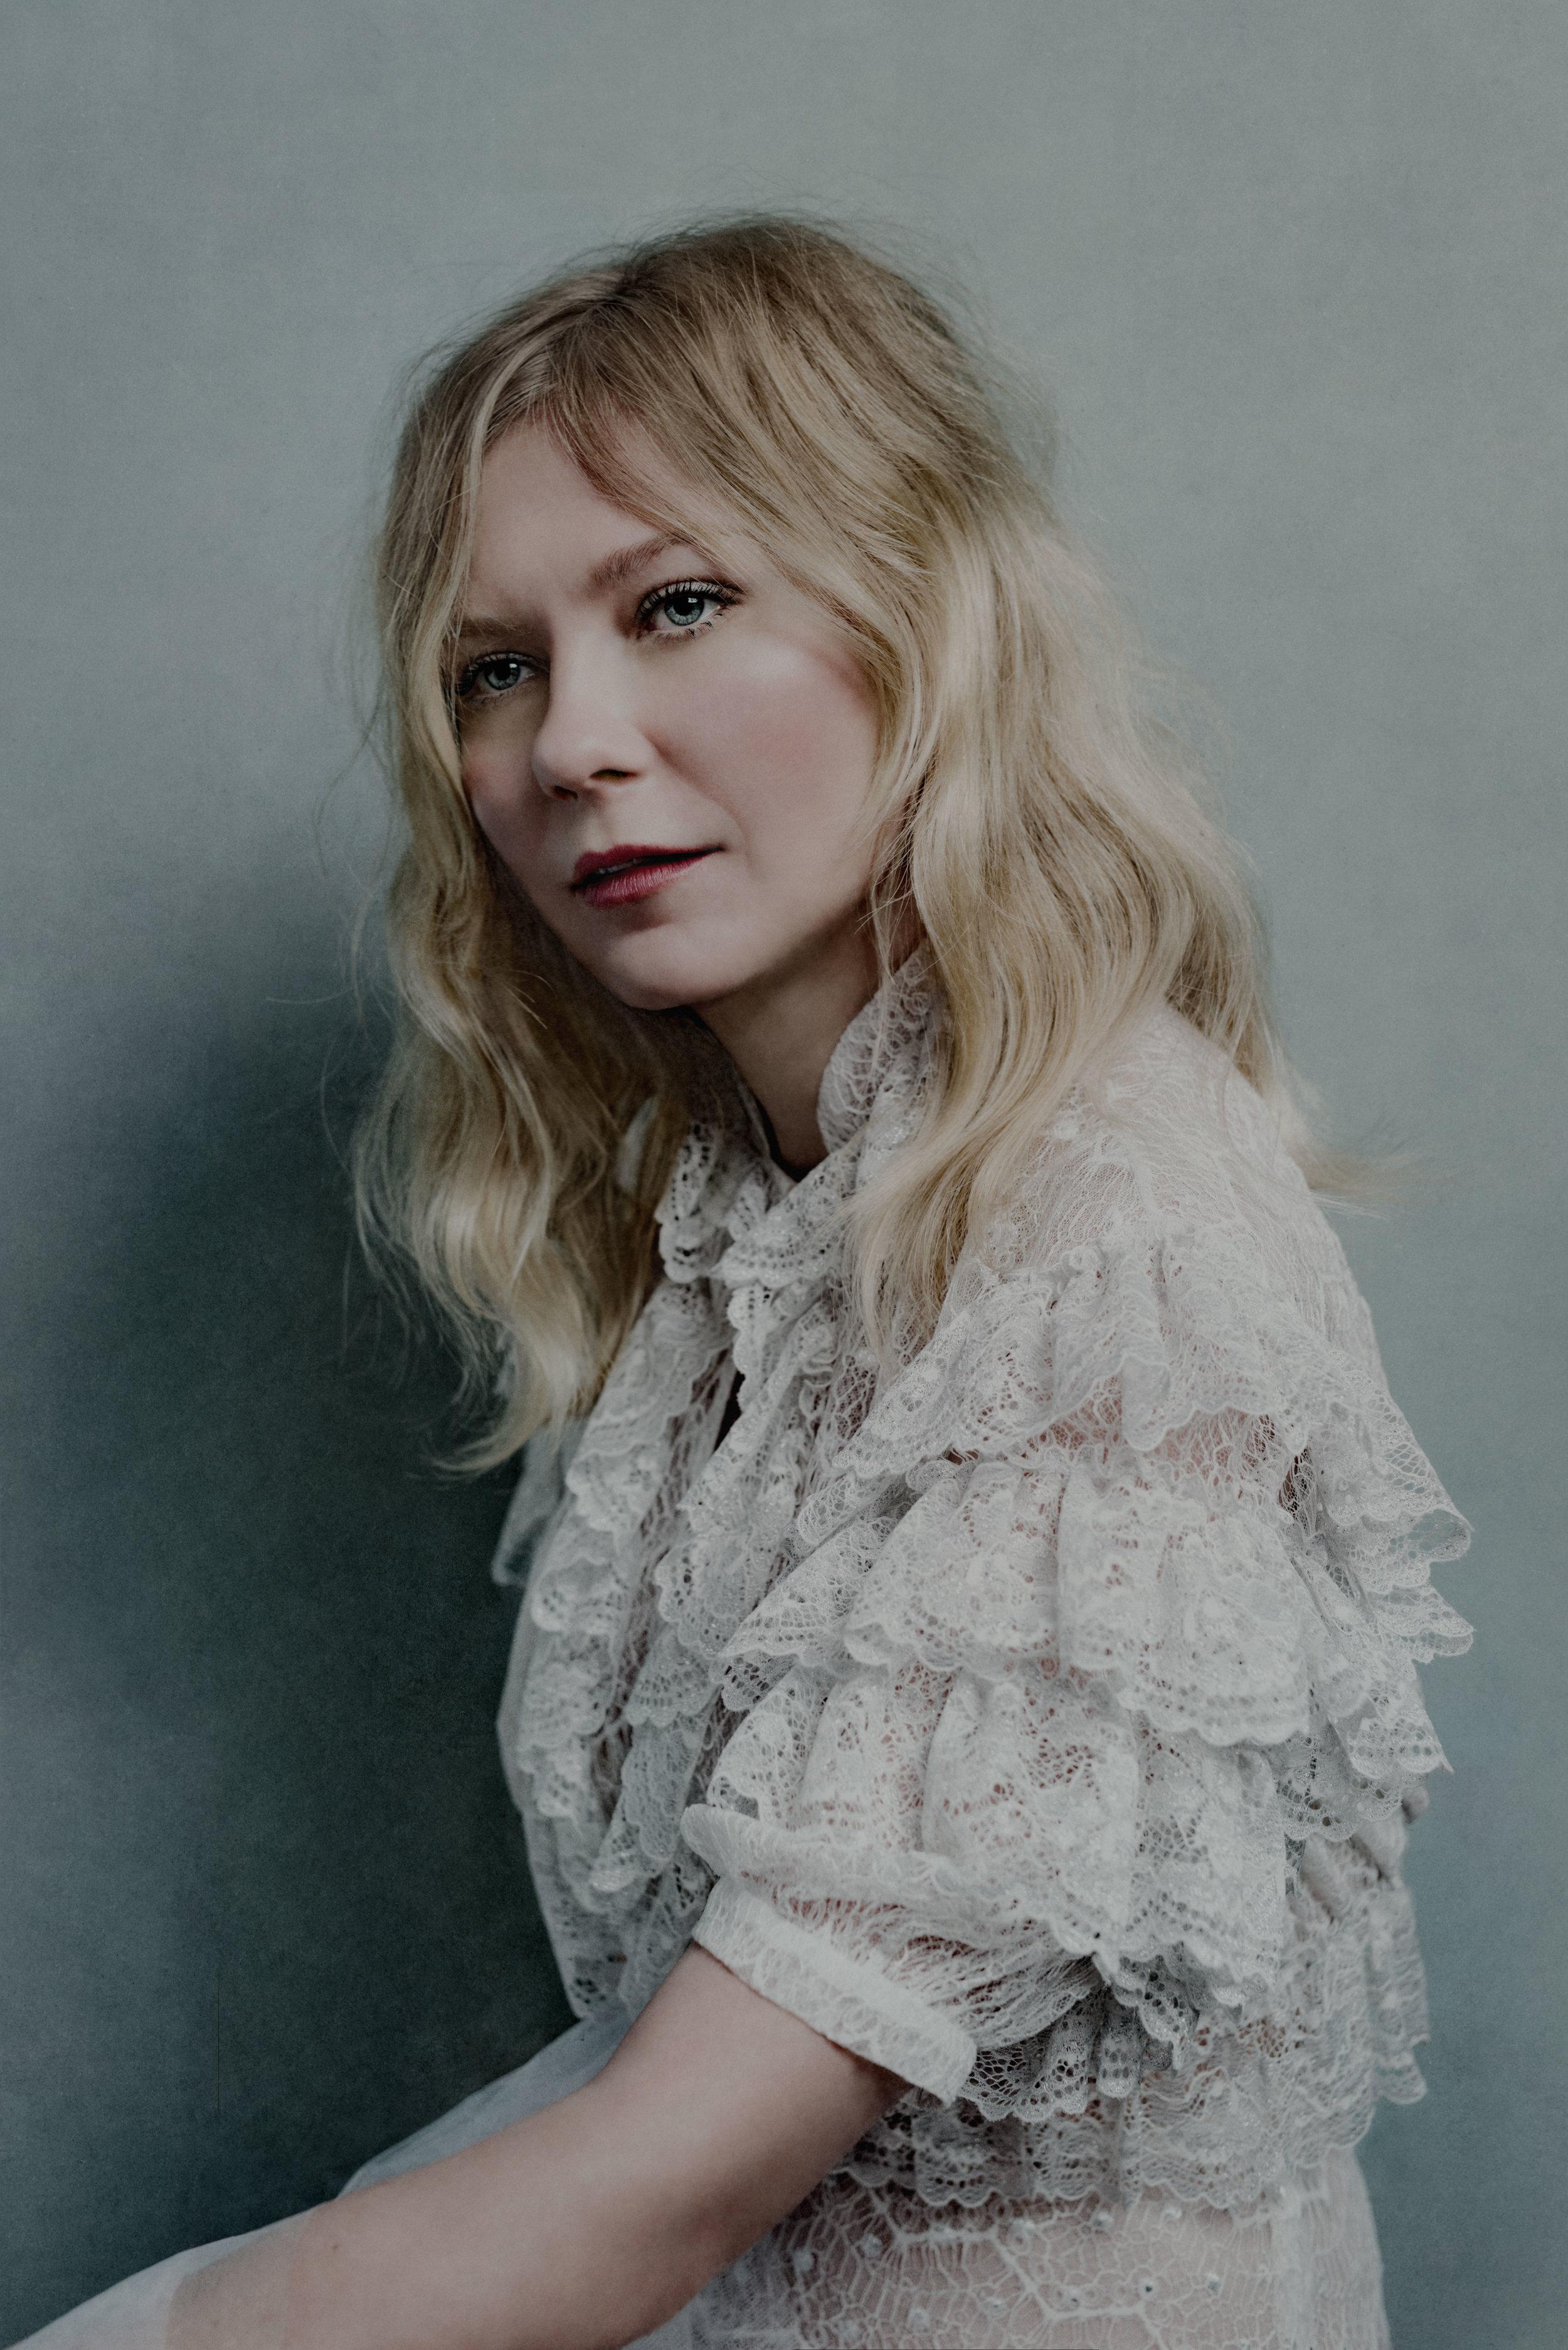 Kirsten Dunst / New York Magazine